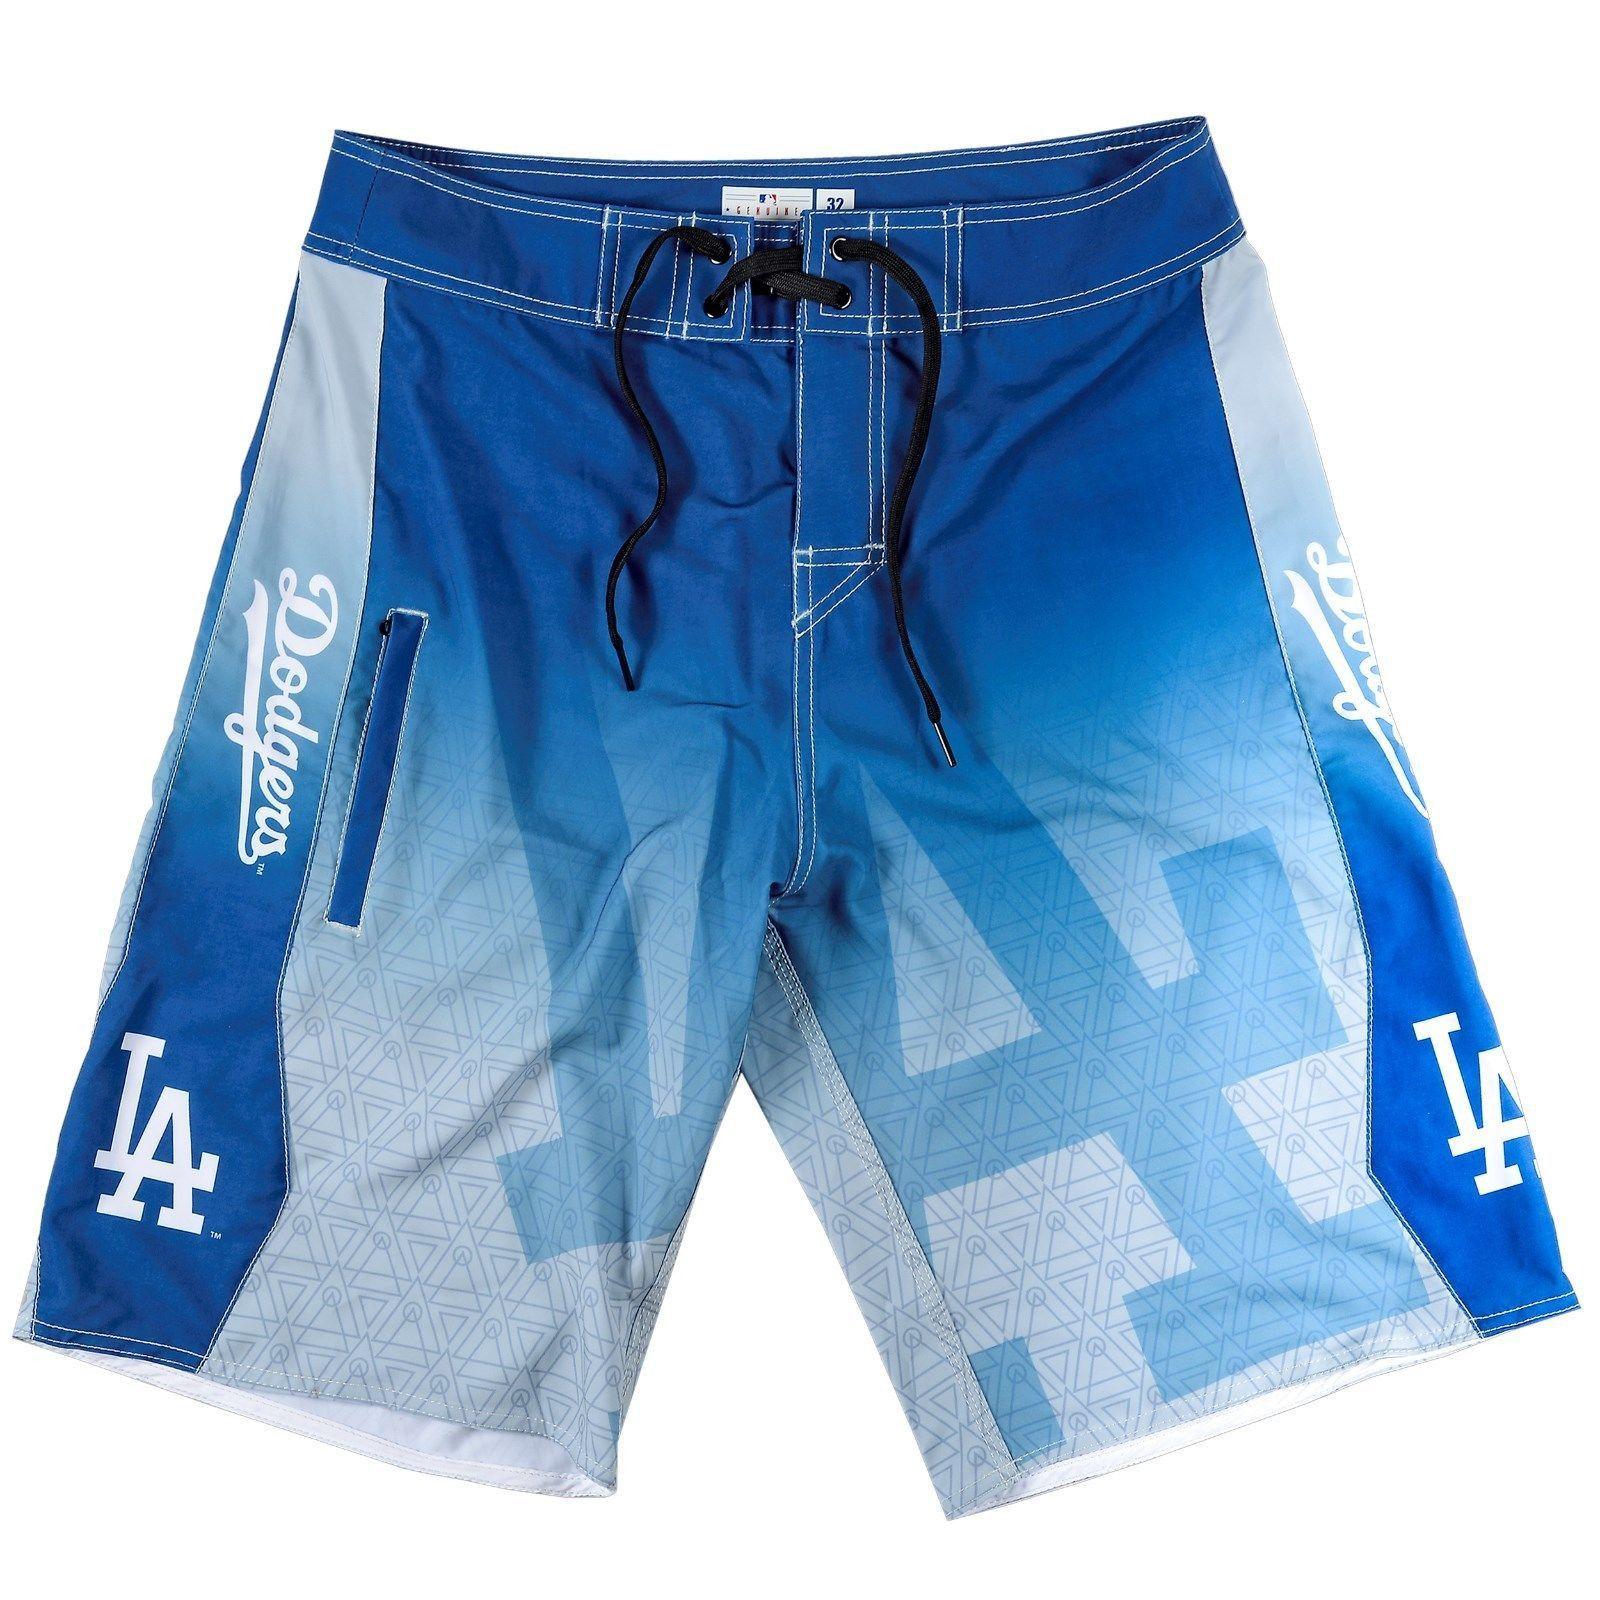 La Dodgers Mens Swim Trunks With Images Dodgers Los Angeles Dodgers La Dodgers